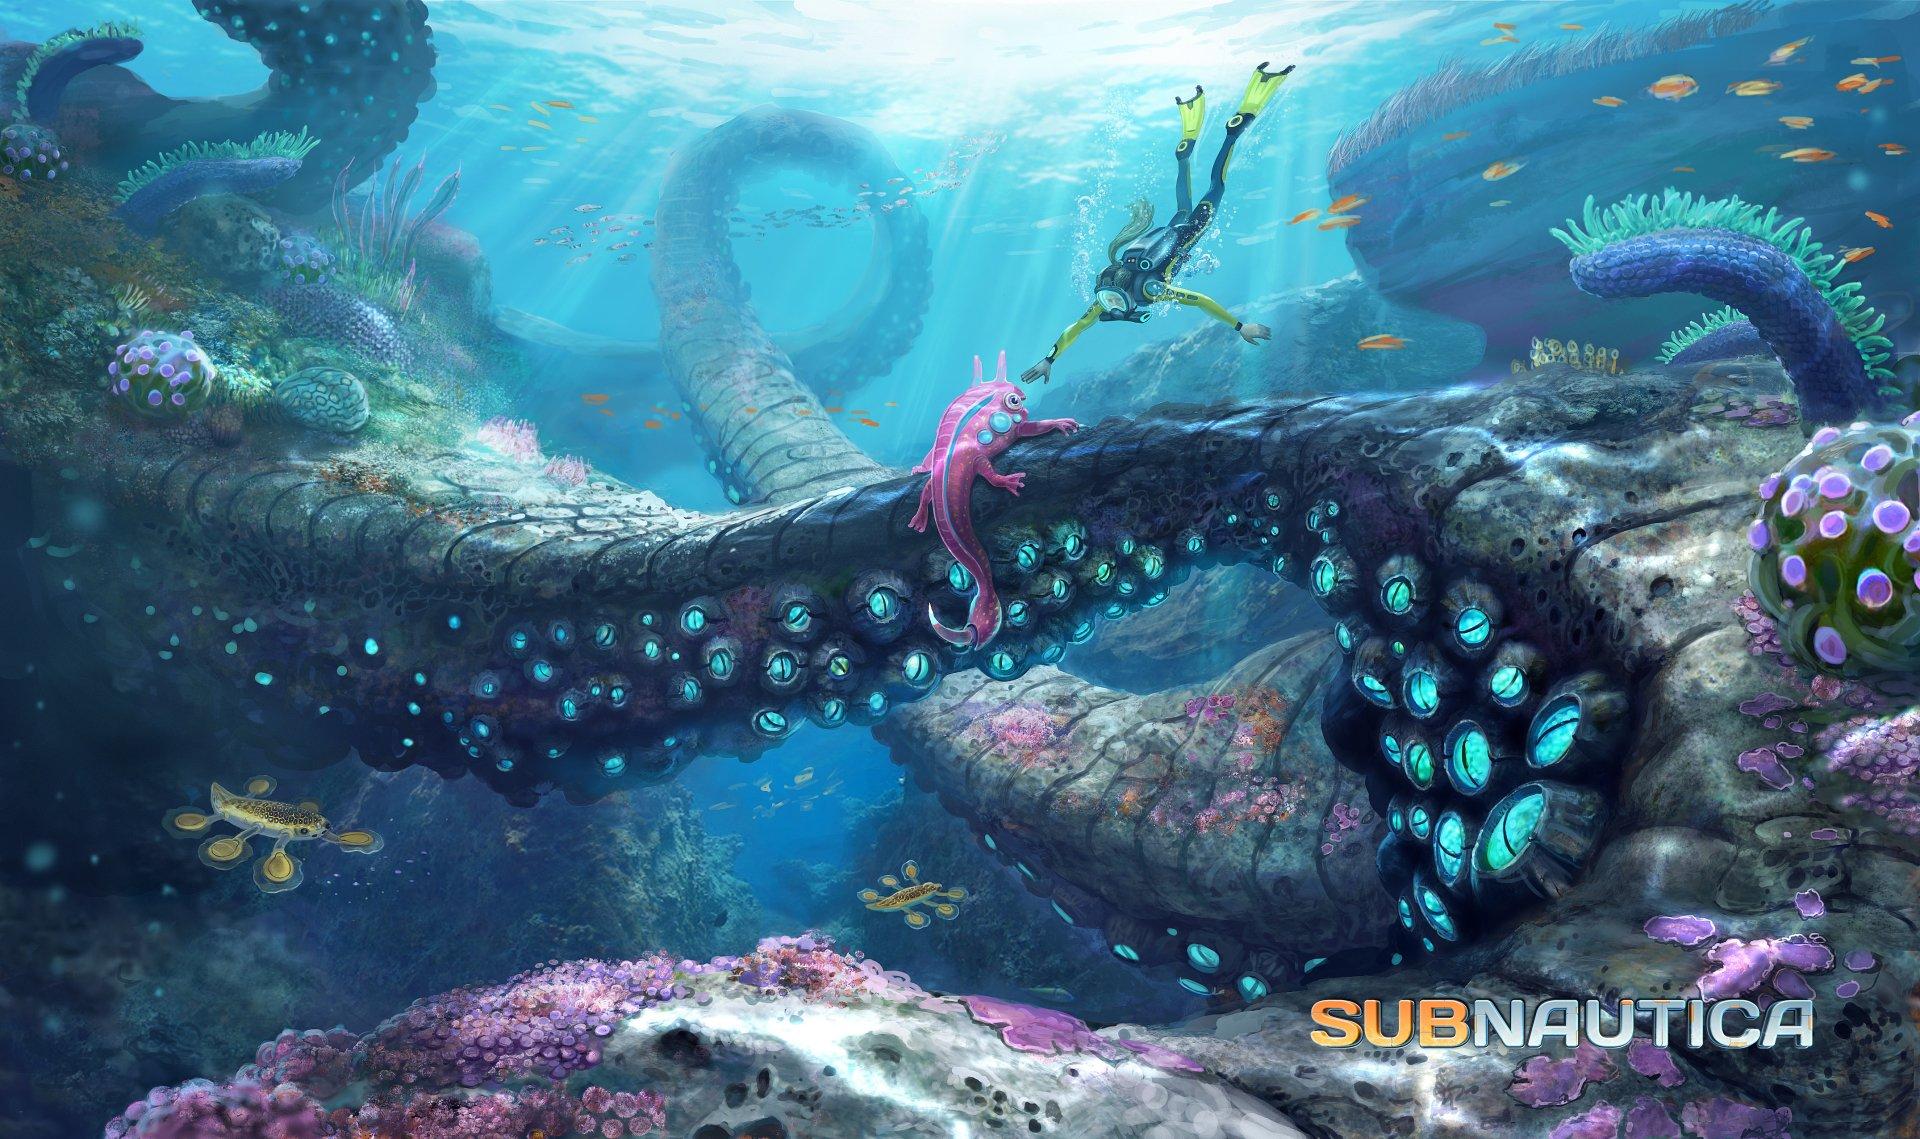 Video Game - Subnautica  Creature Wallpaper